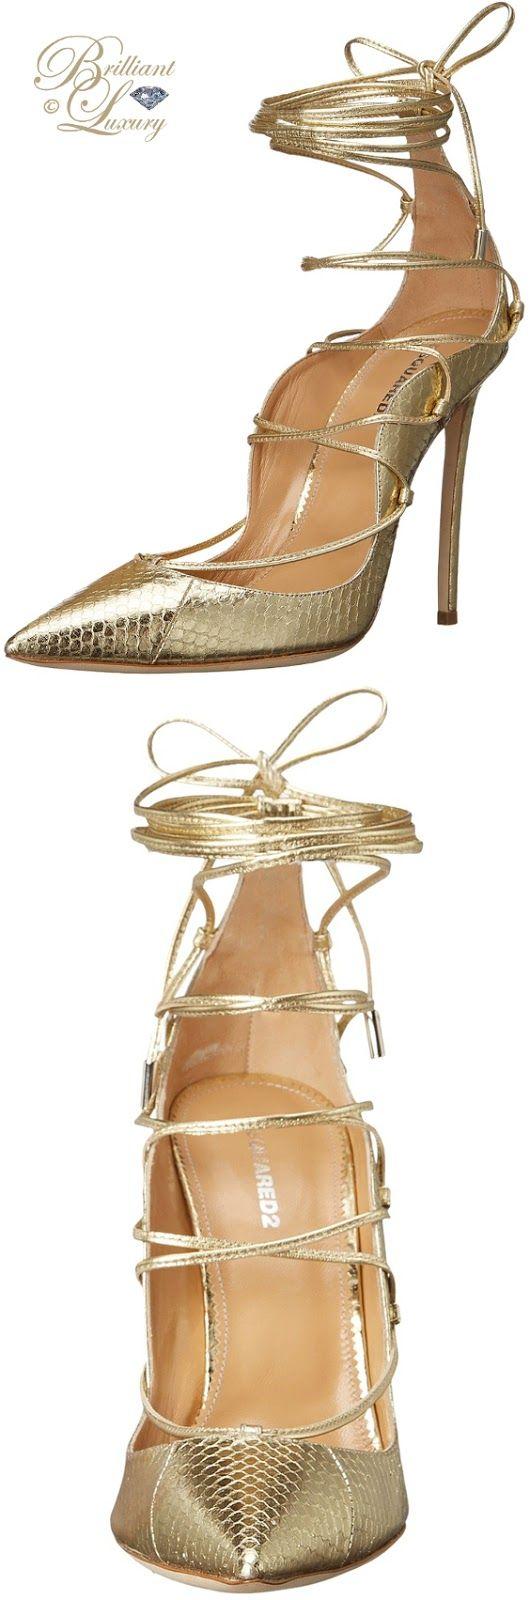 Brilliant Luxury ♦ Dsquared2 Gold Riri Strappy Sandals